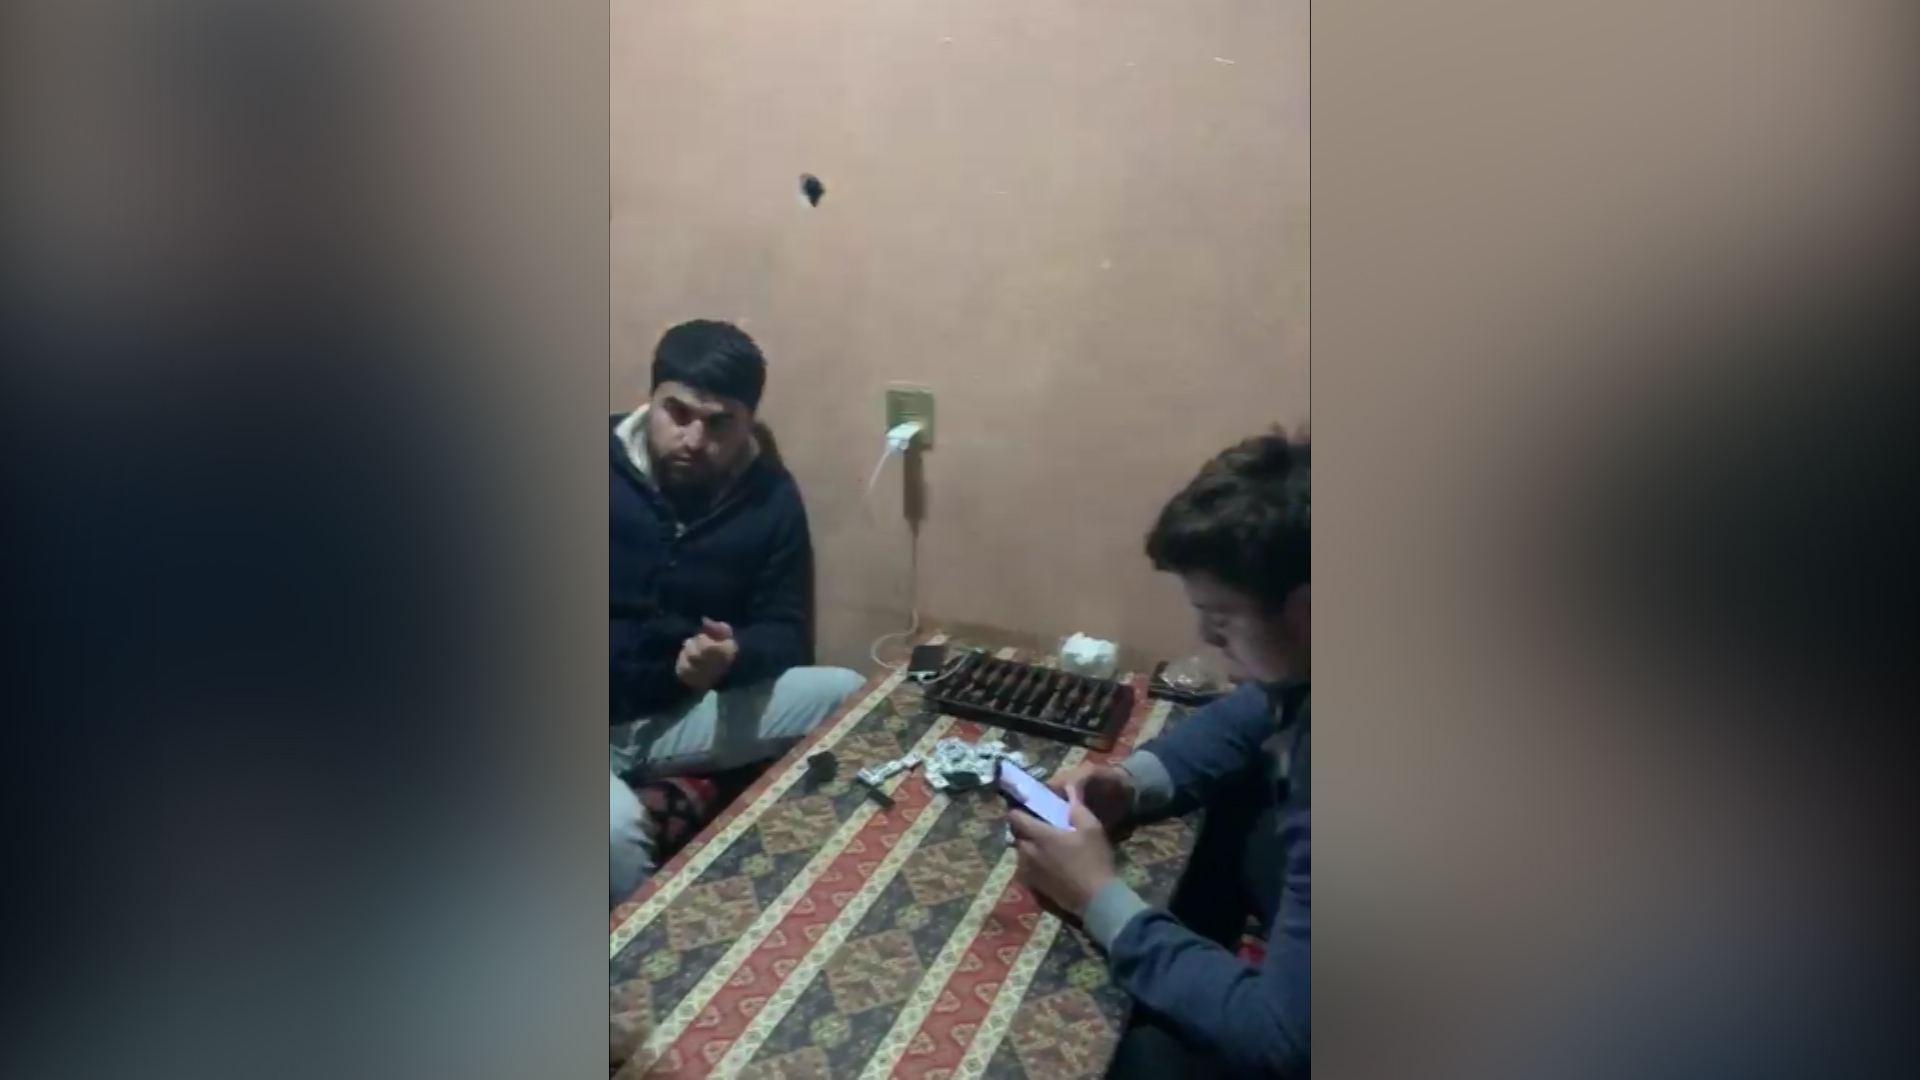 Binəqədidə karantin rejimini pozan çay evi aşkarlandı (FOTO/VİDEO) - Gallery Image